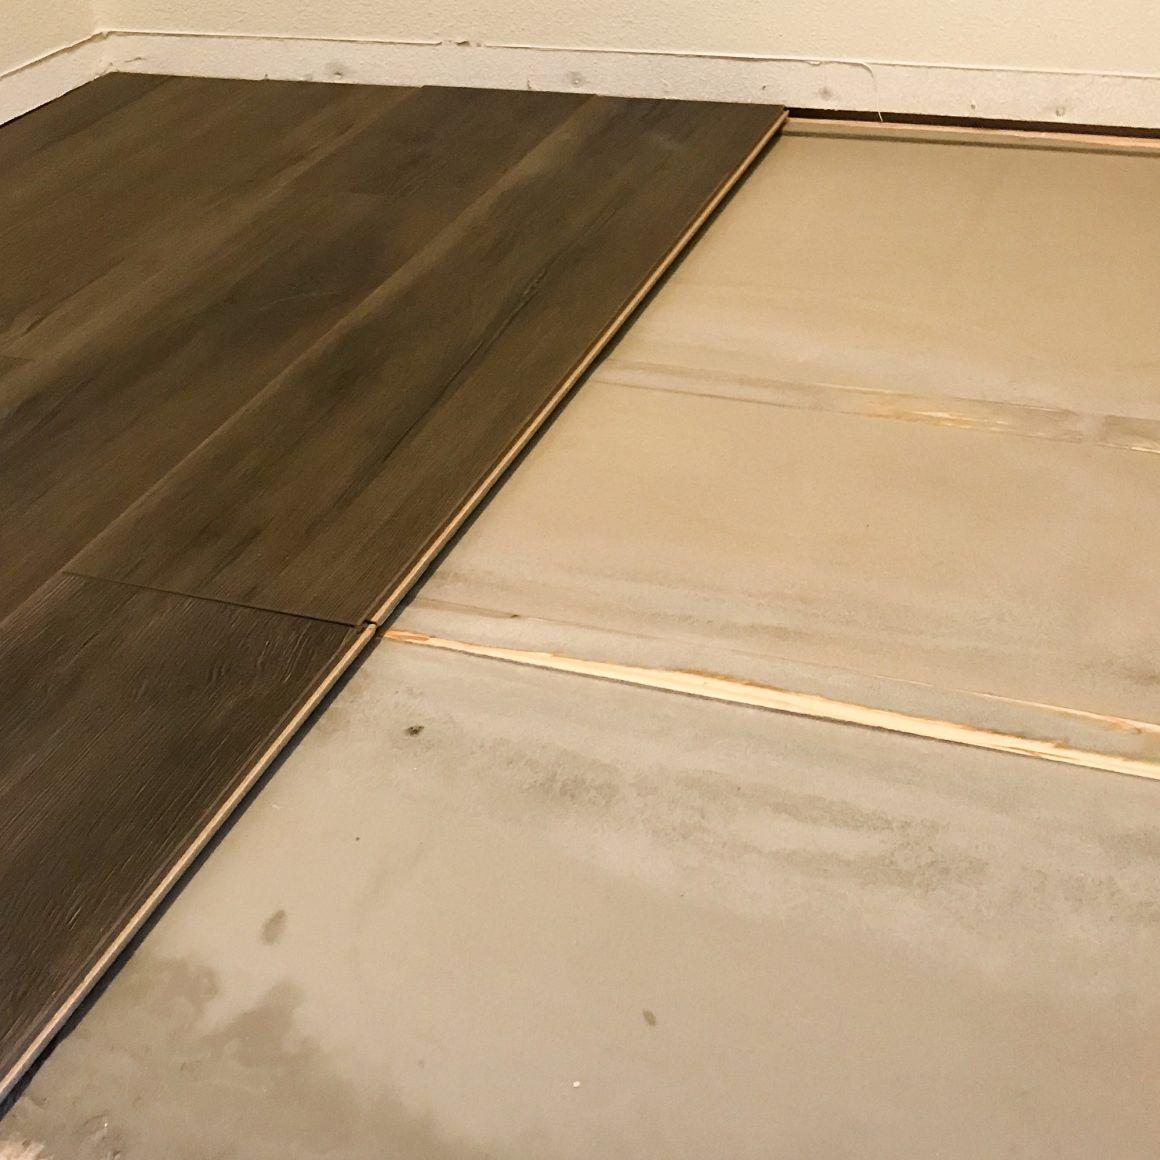 How to fix an uneven subfloor diy home improvement diy